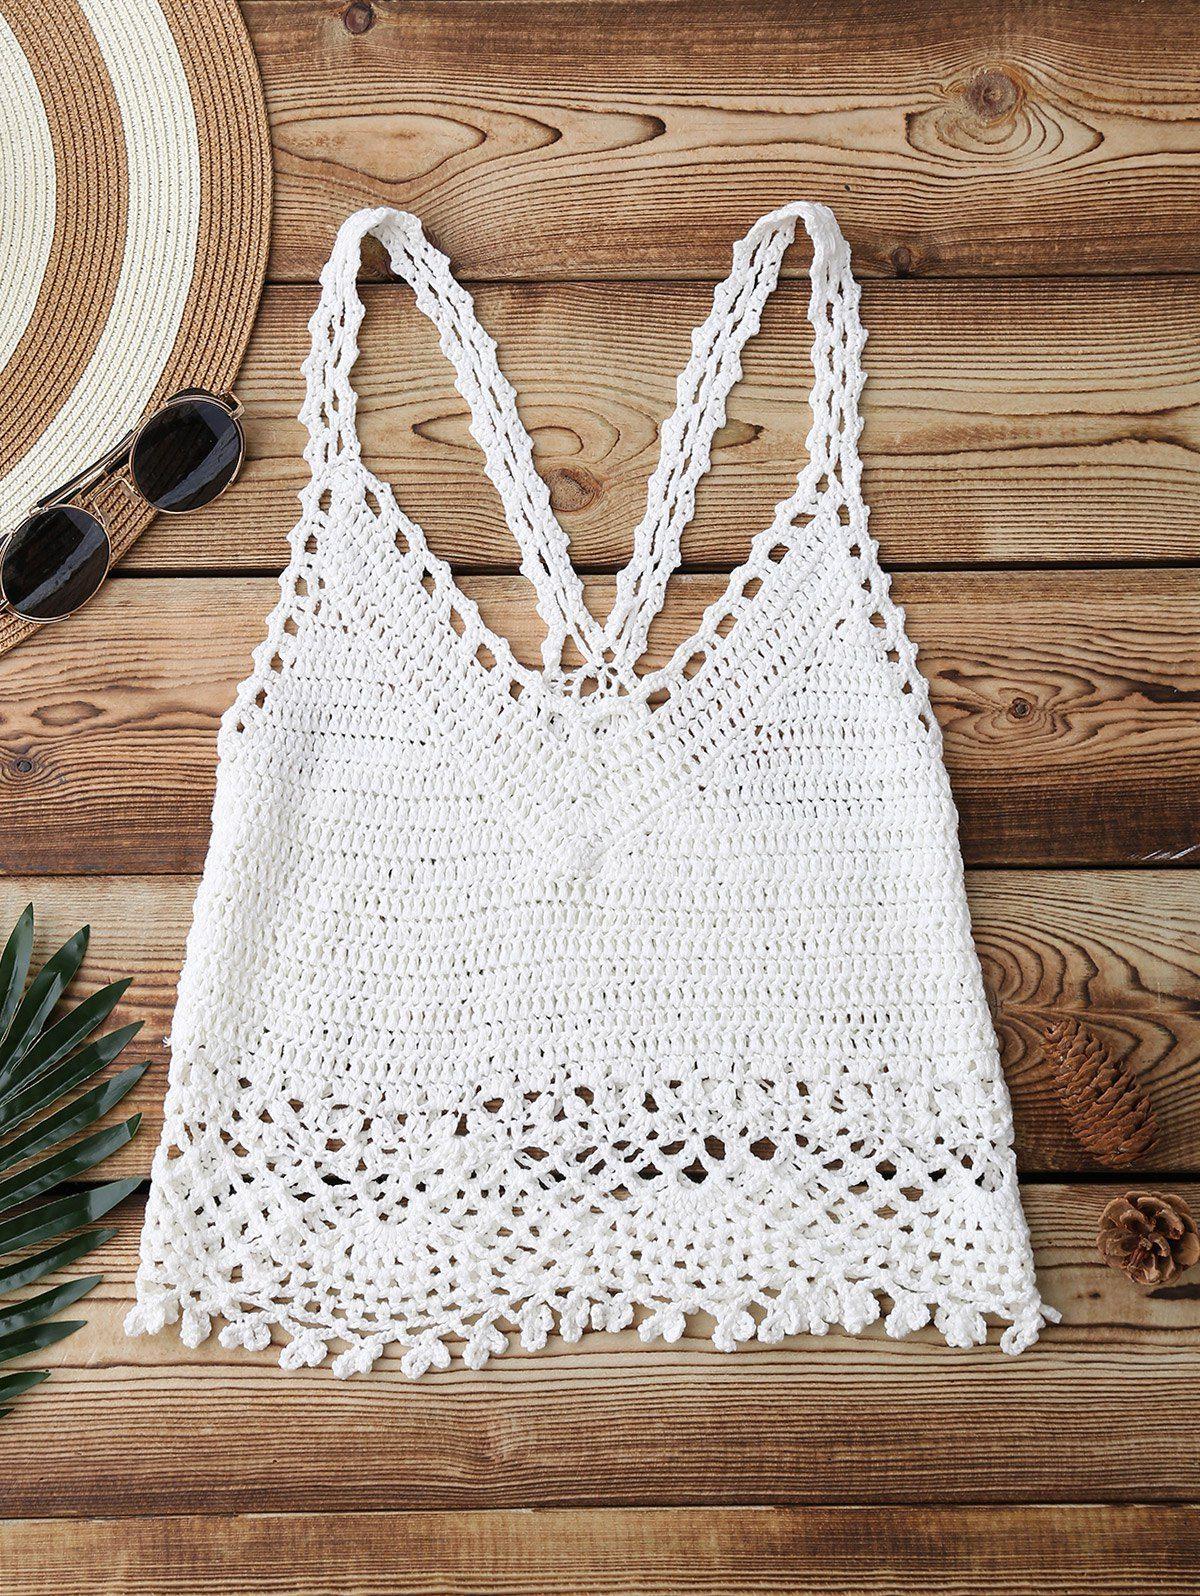 Crochet Crop Cover Up Top | Blusas de crochet, Blusas y Tejido